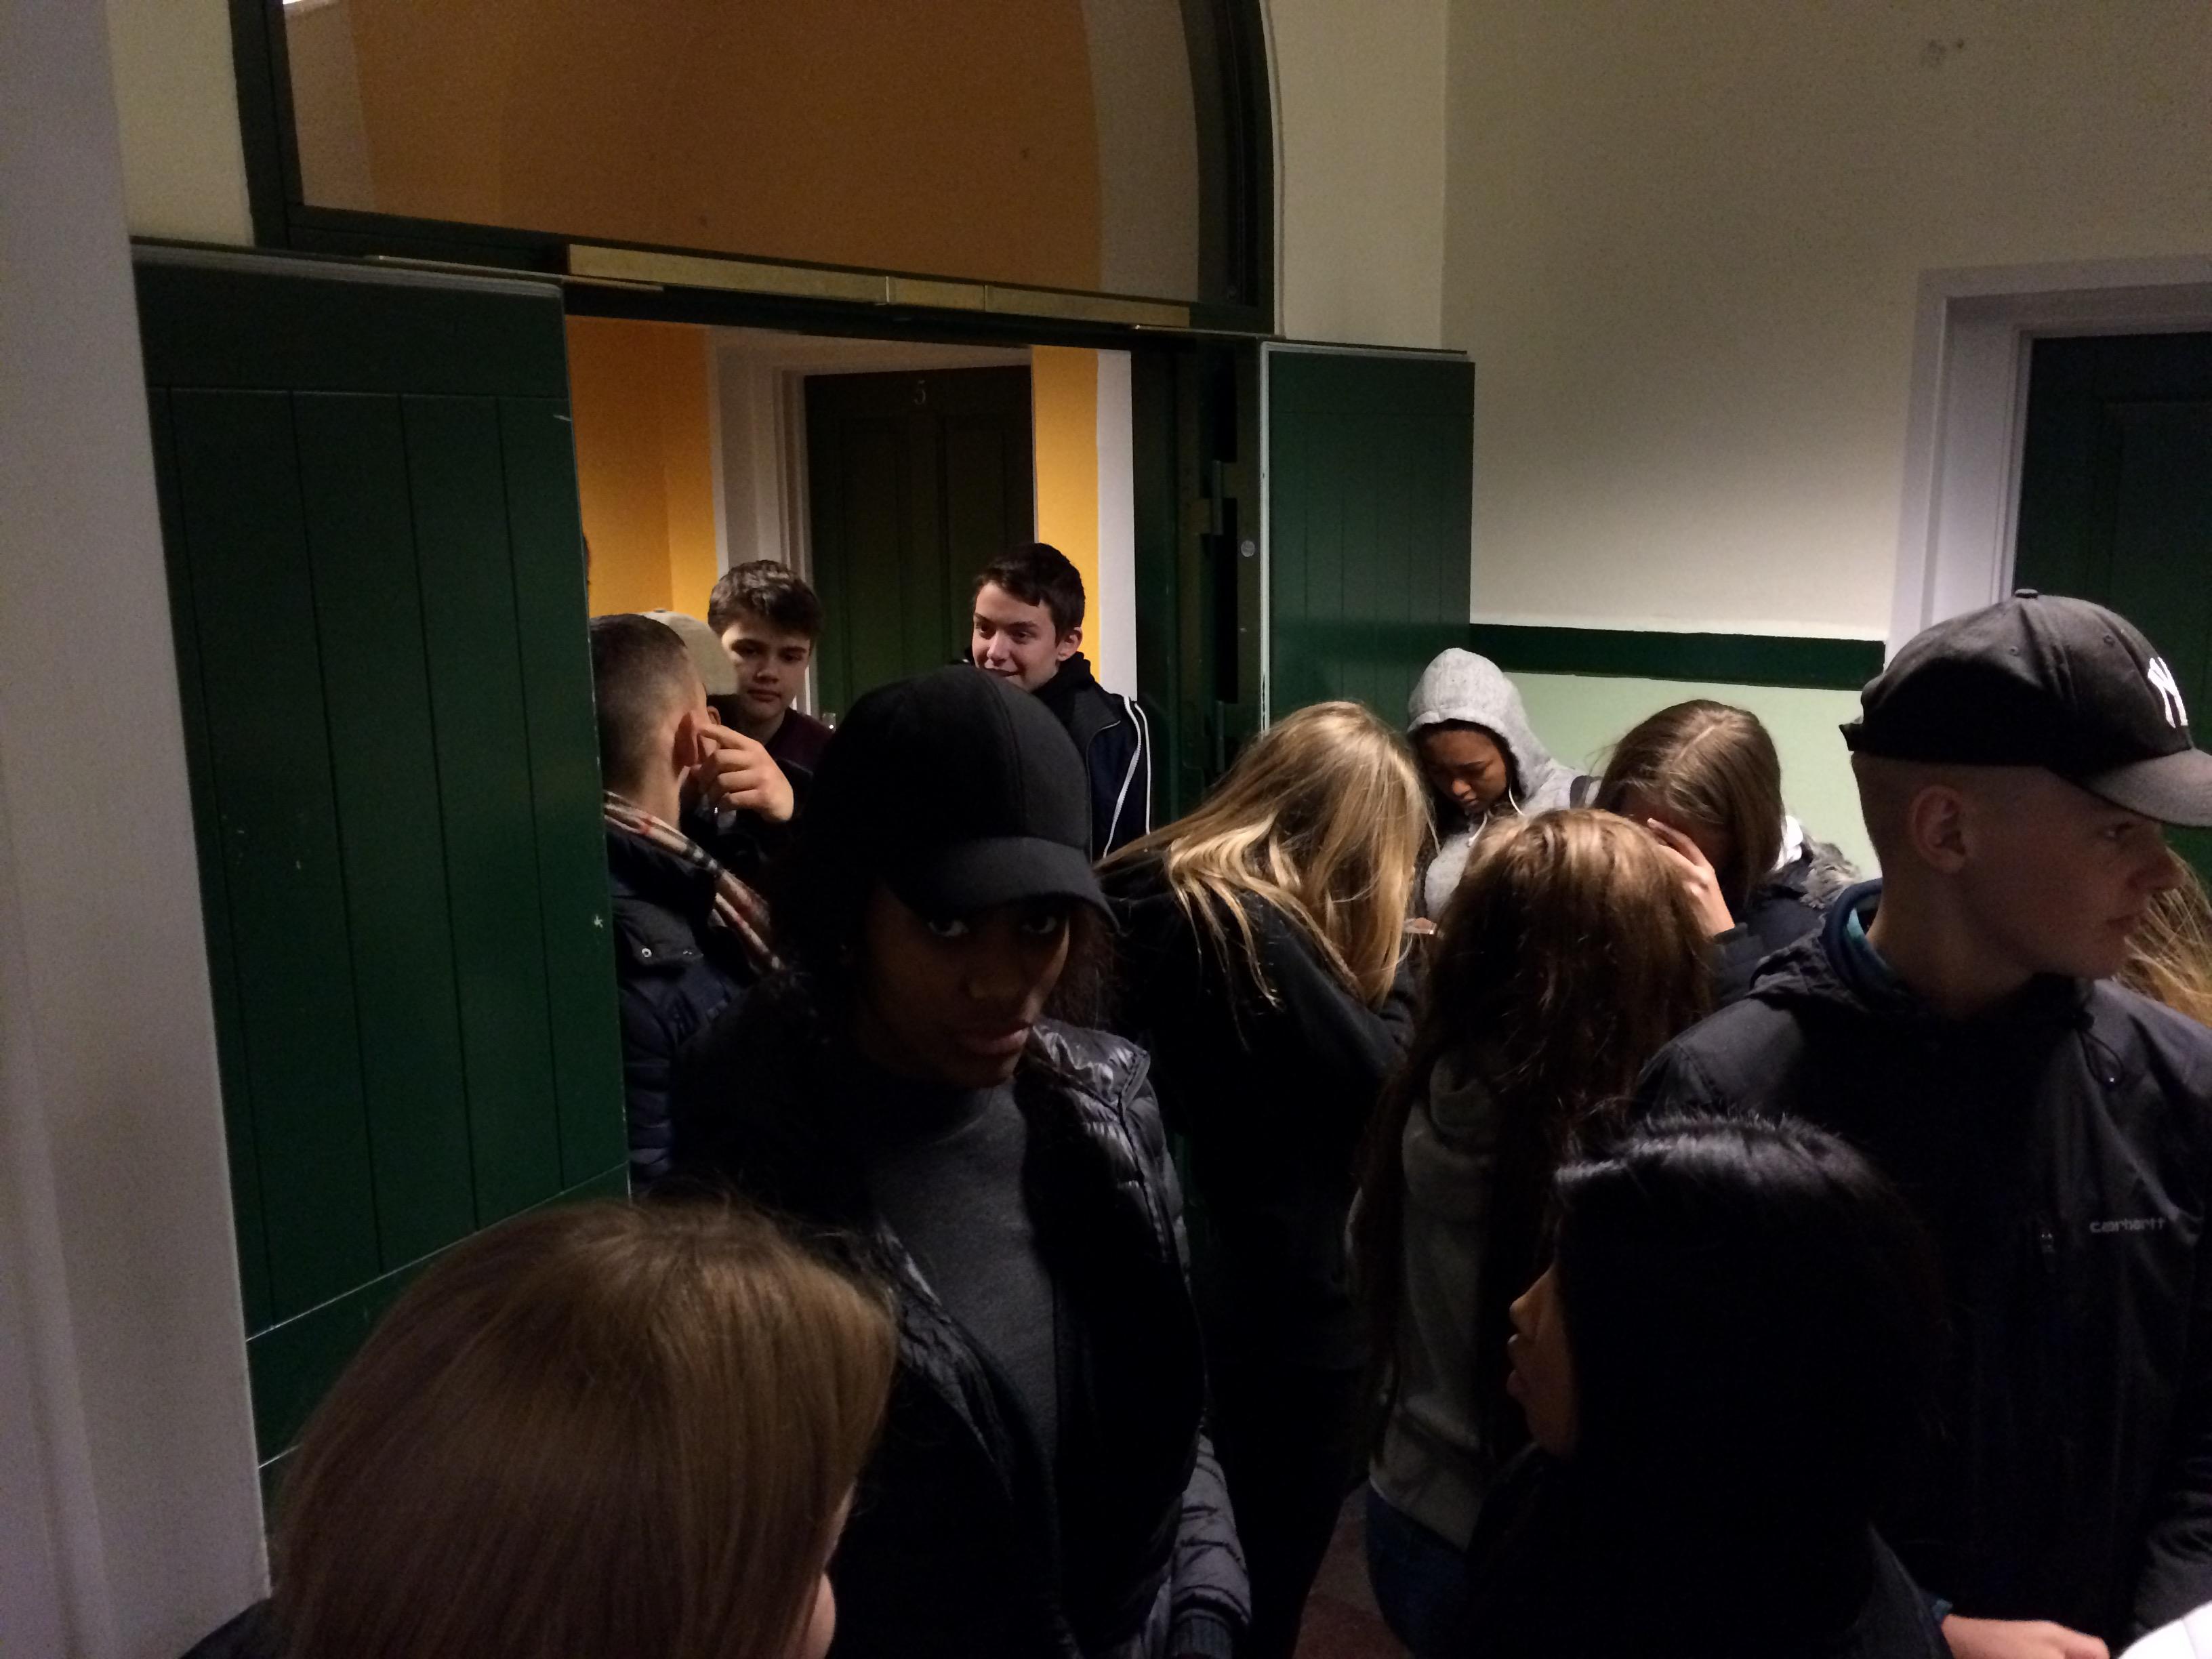 Der var kø, da valgstedet åbnede kl. 12.00.